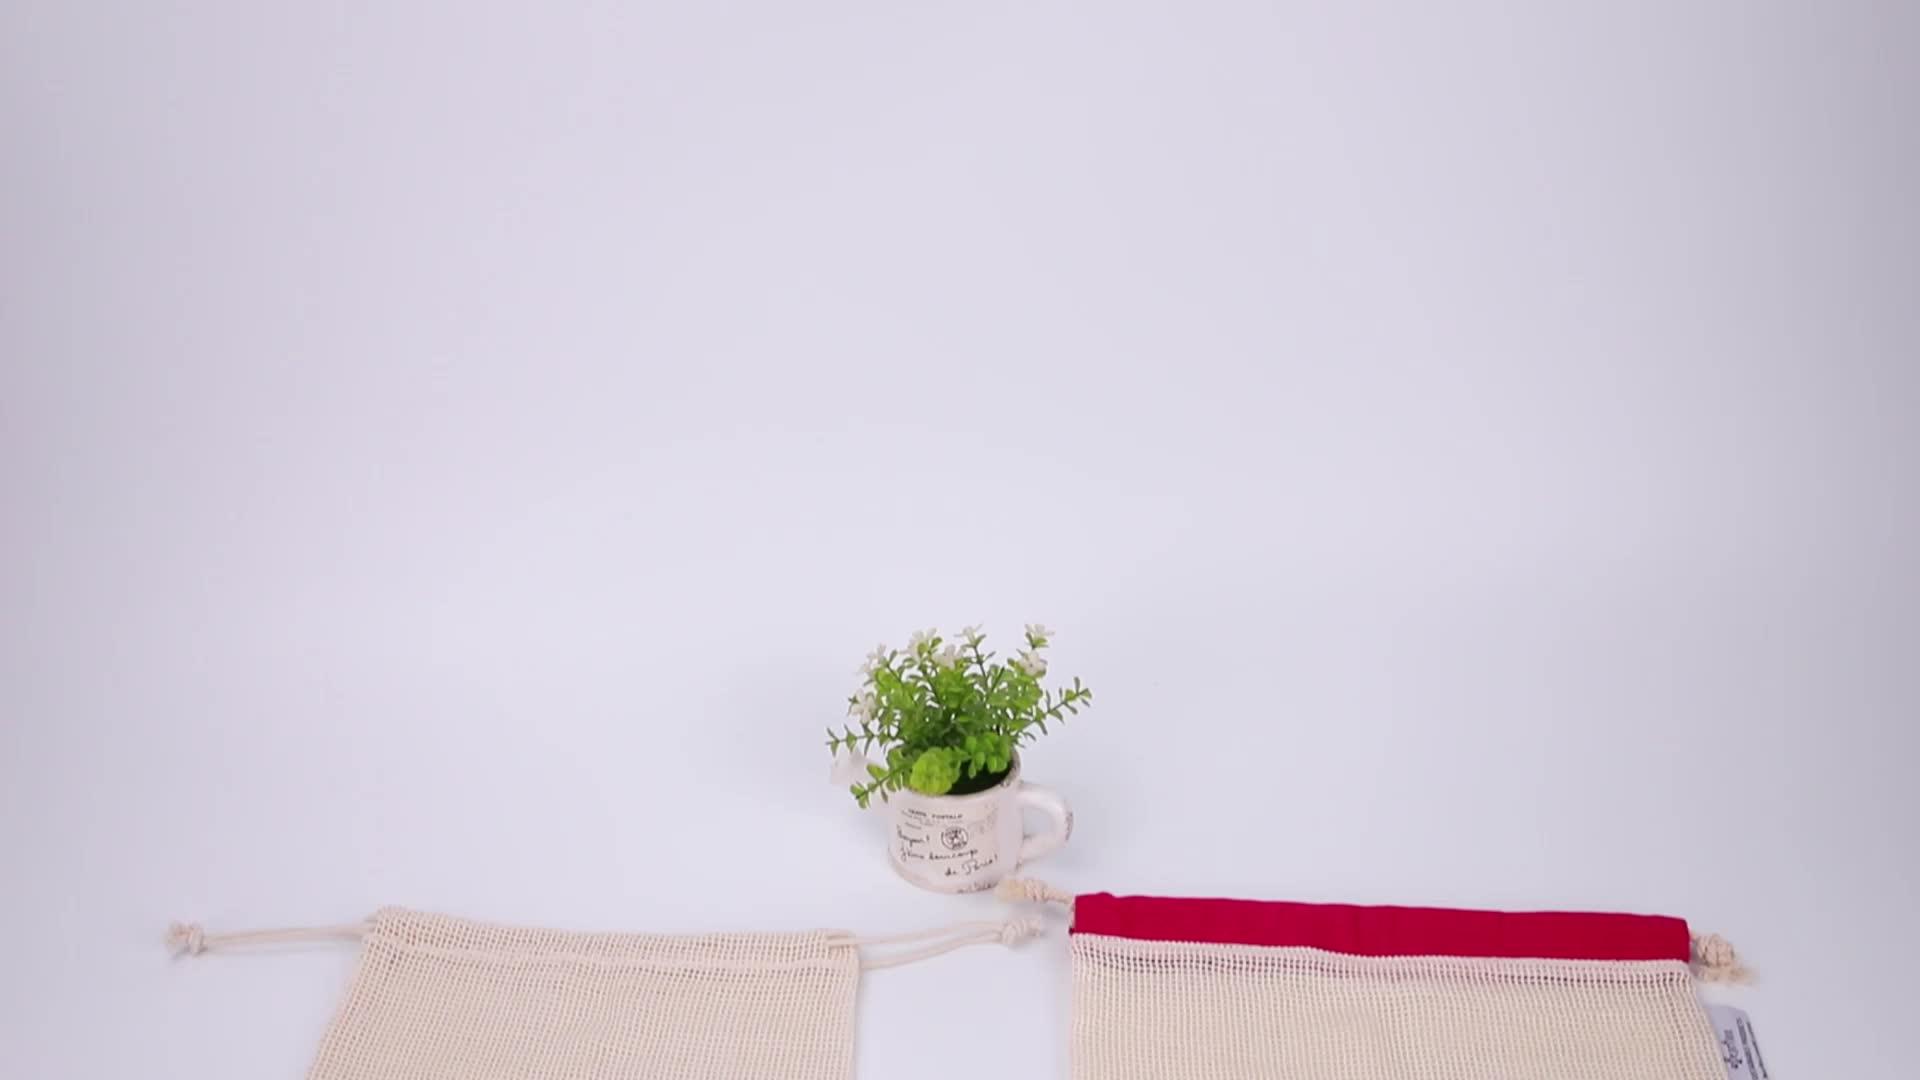 無料サンプル格安エコ再利用可能なスーパーマーケットショッピング網袋 100% 認定生態オーガニックコットン生成メッシュバッグ